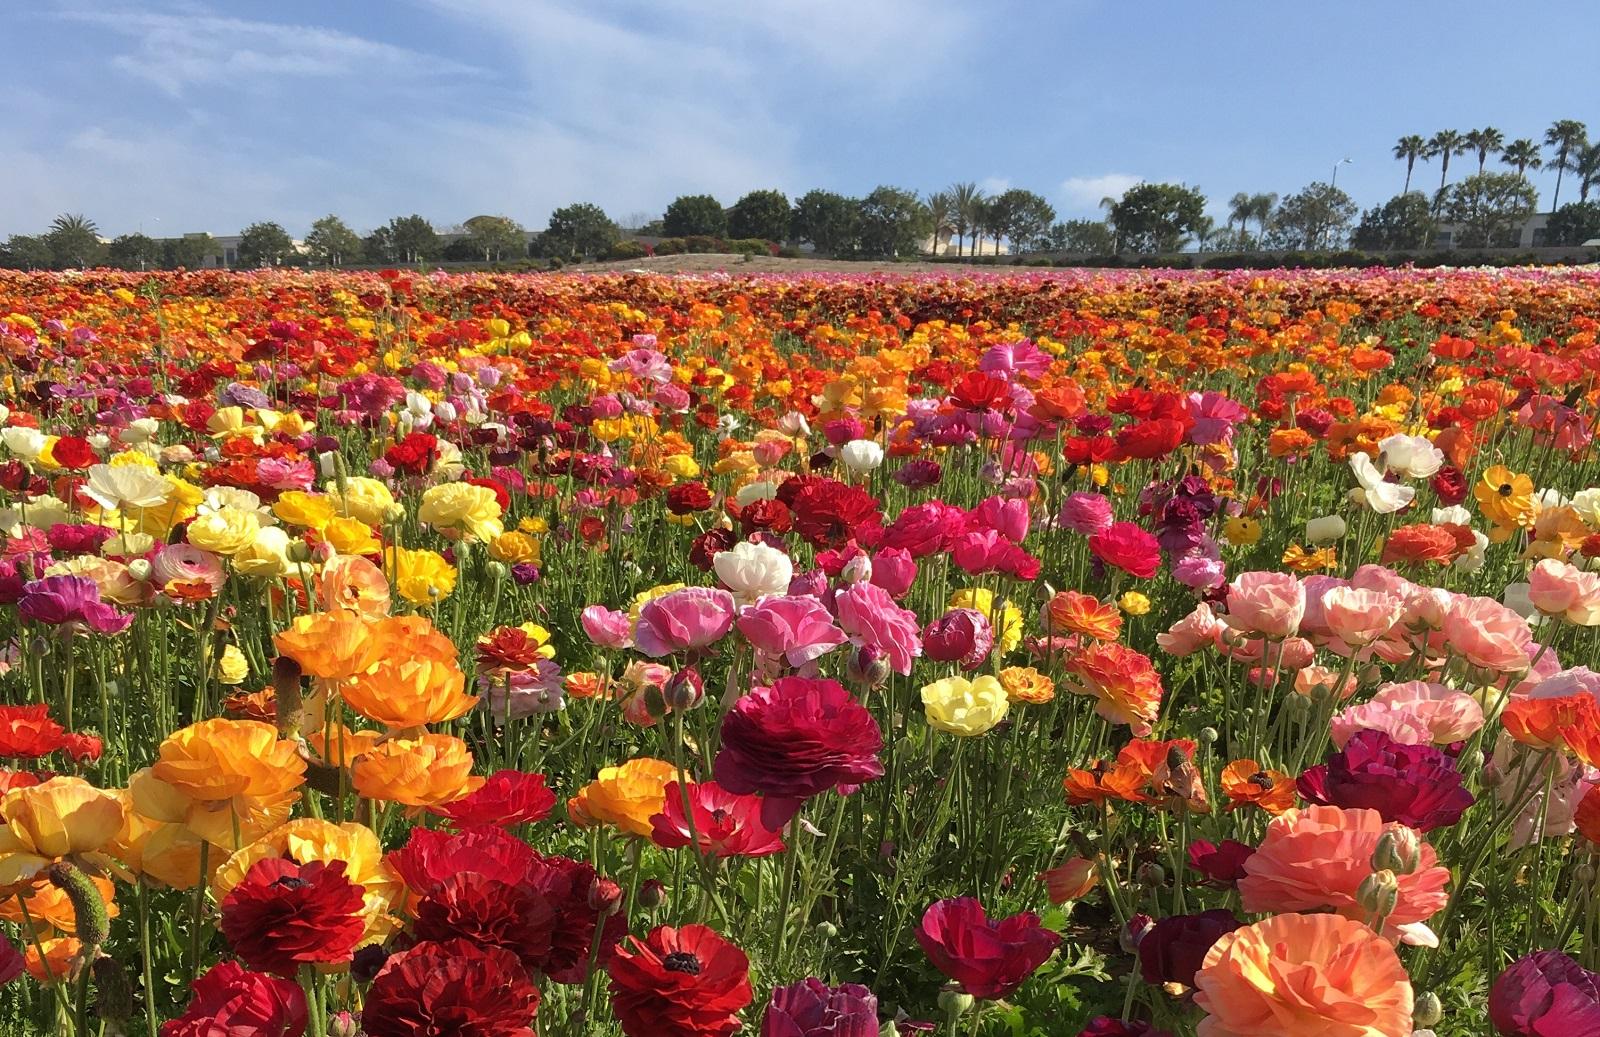 2016 Crop Report Flowers